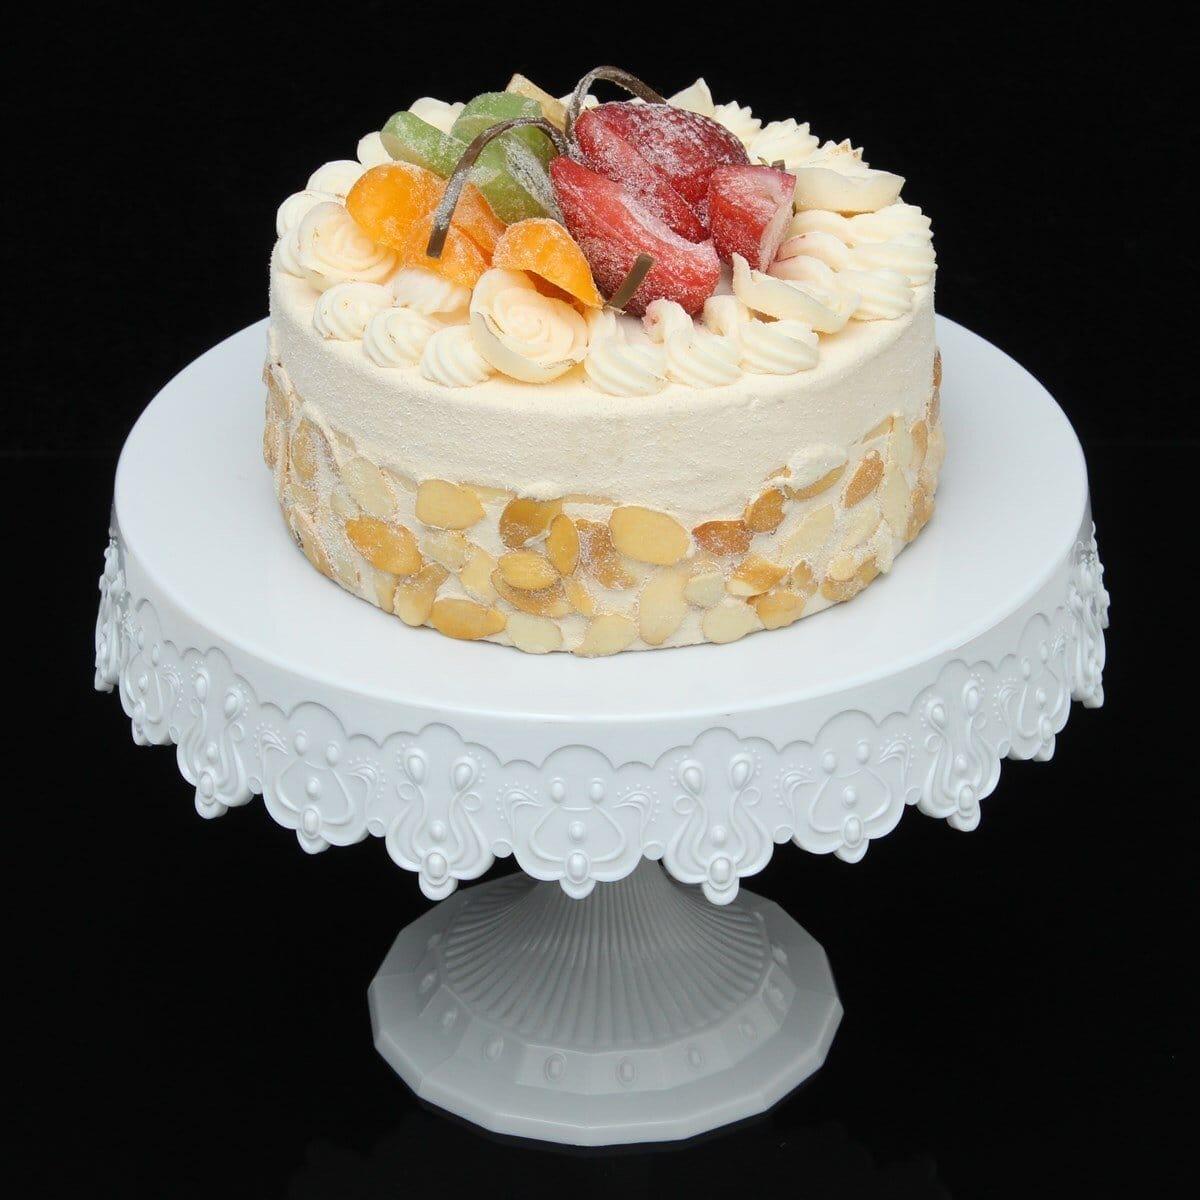 Підкладка під торт: особливості, види, матеріали, як виготовити підставку